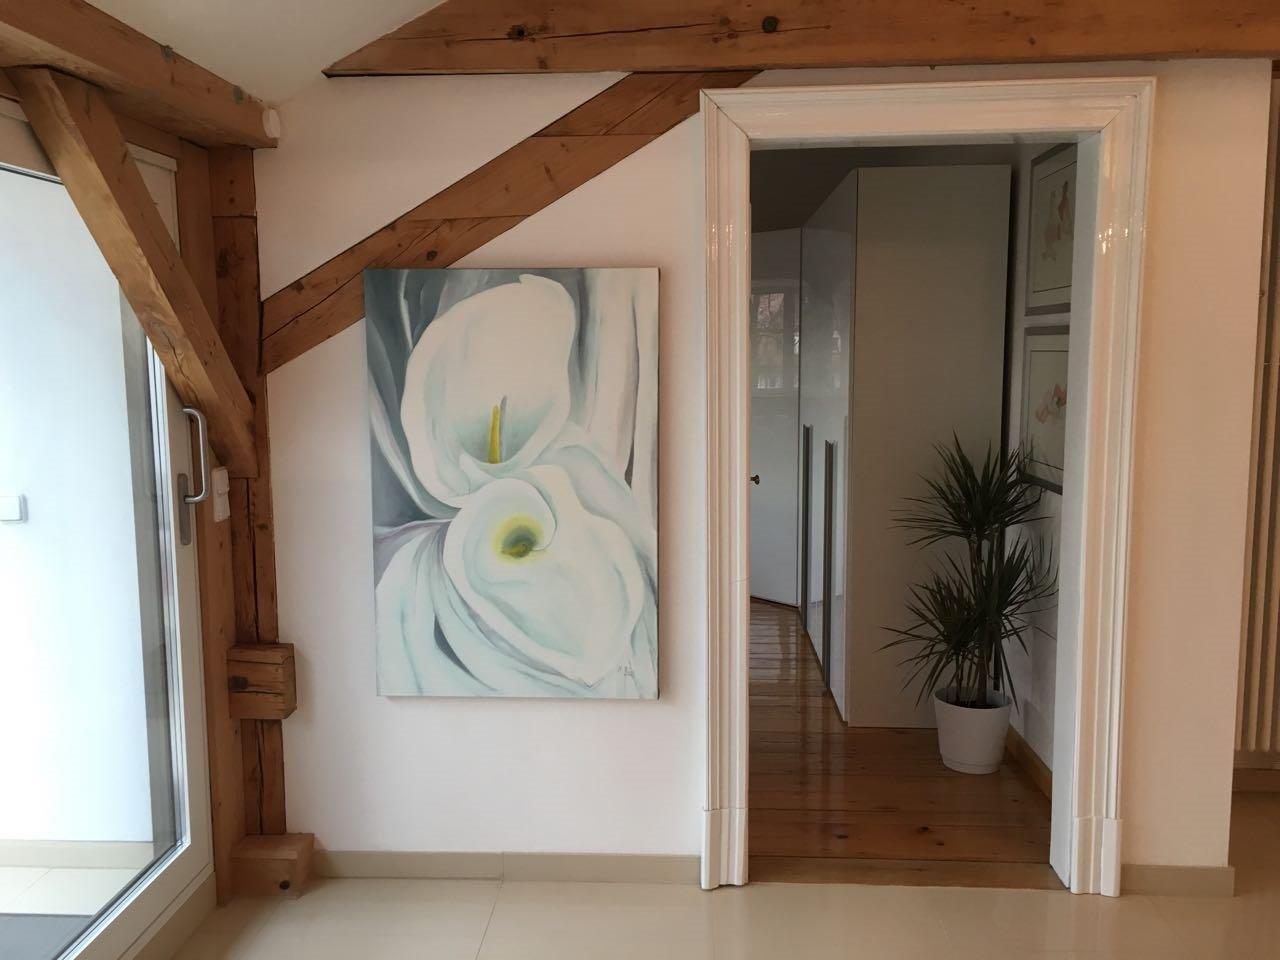 Weiße-Calla-Kunst-im-Privatraum-Eingangsbereich-Rheingau